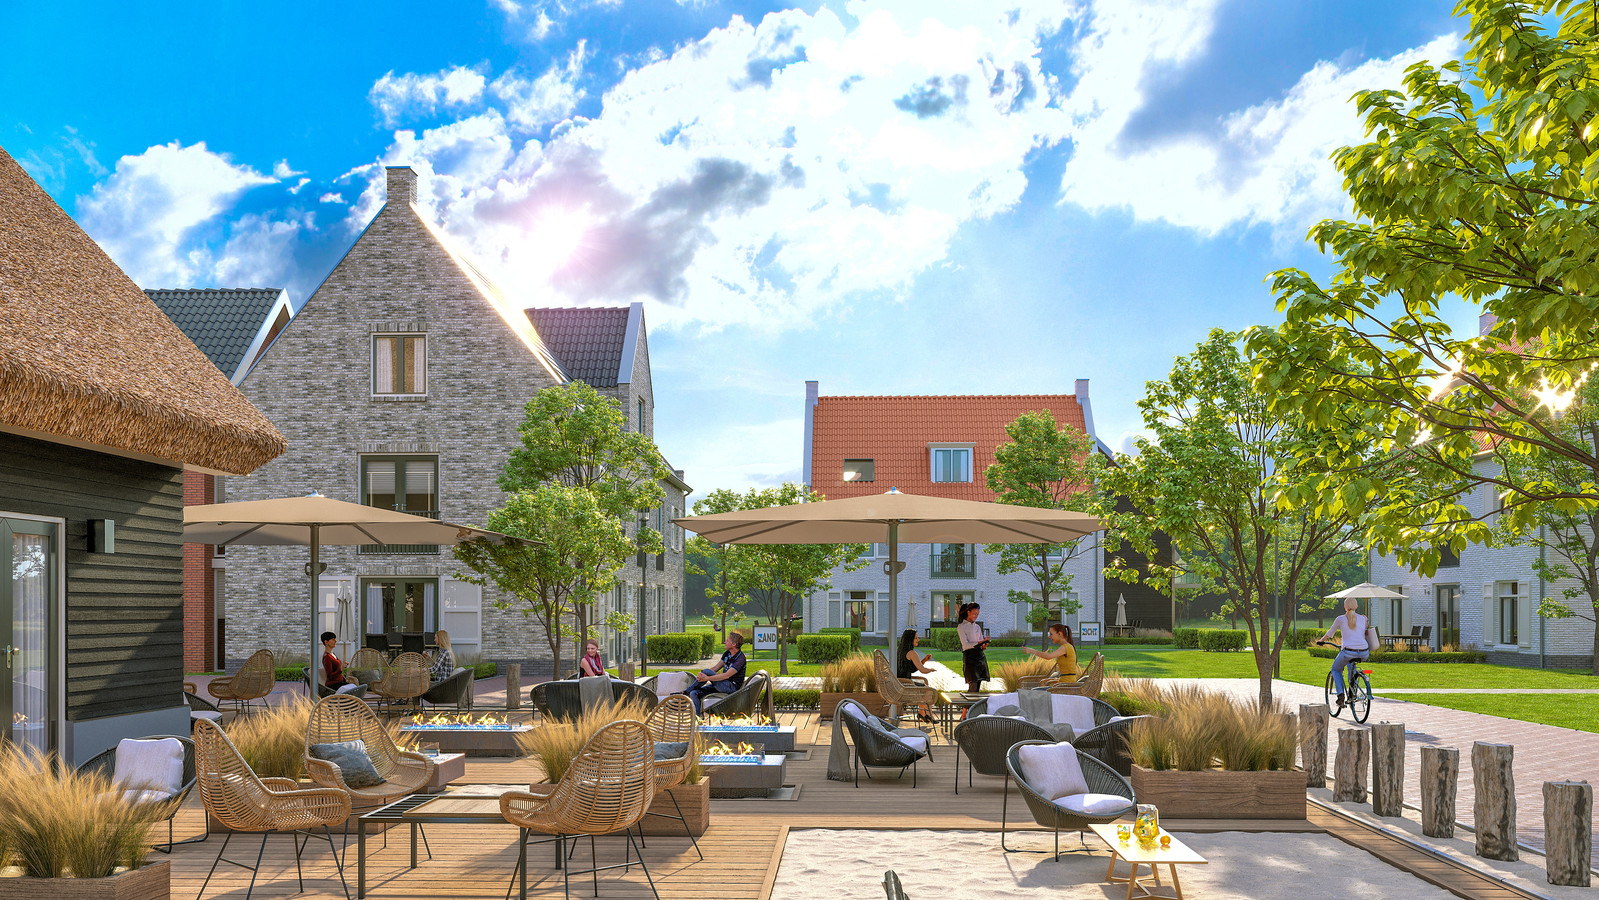 Een artist's impression van het hotel-resort dat Dormio bij Biggekerke wil bouwen en exploiteren.